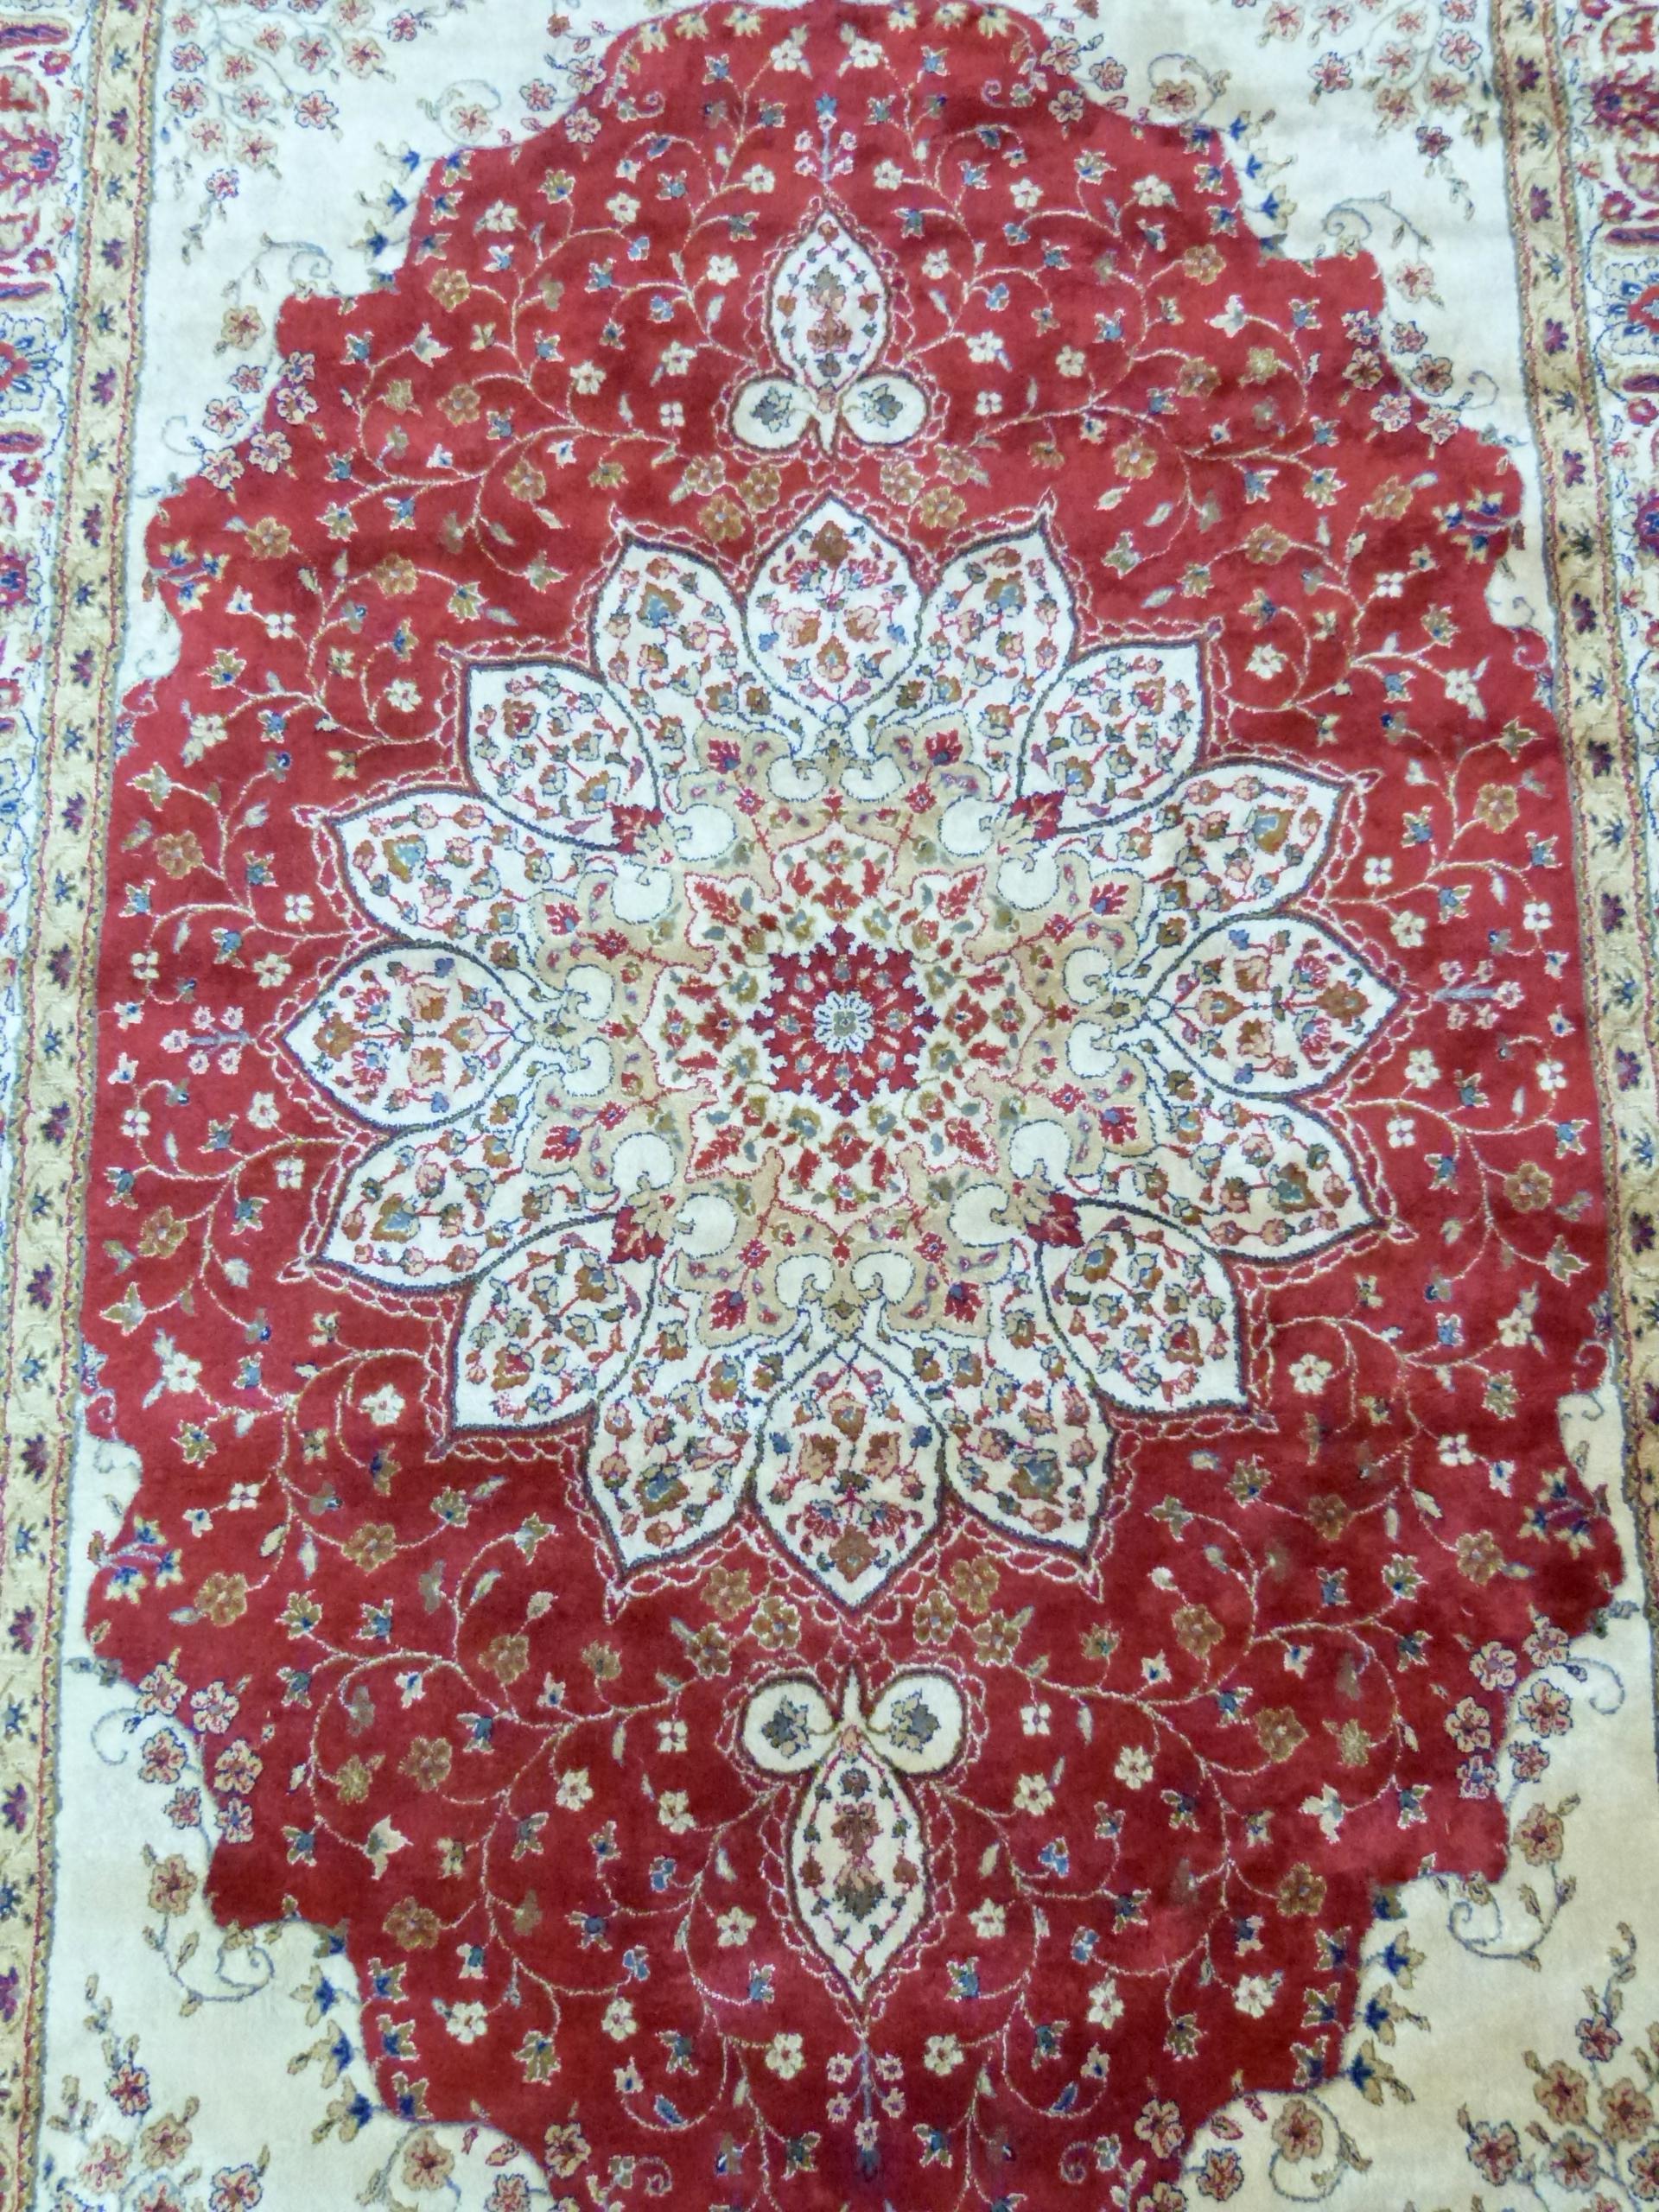 Red ground Kashmir floral medallion design Rug, 240 x 156cm approx - Image 3 of 6